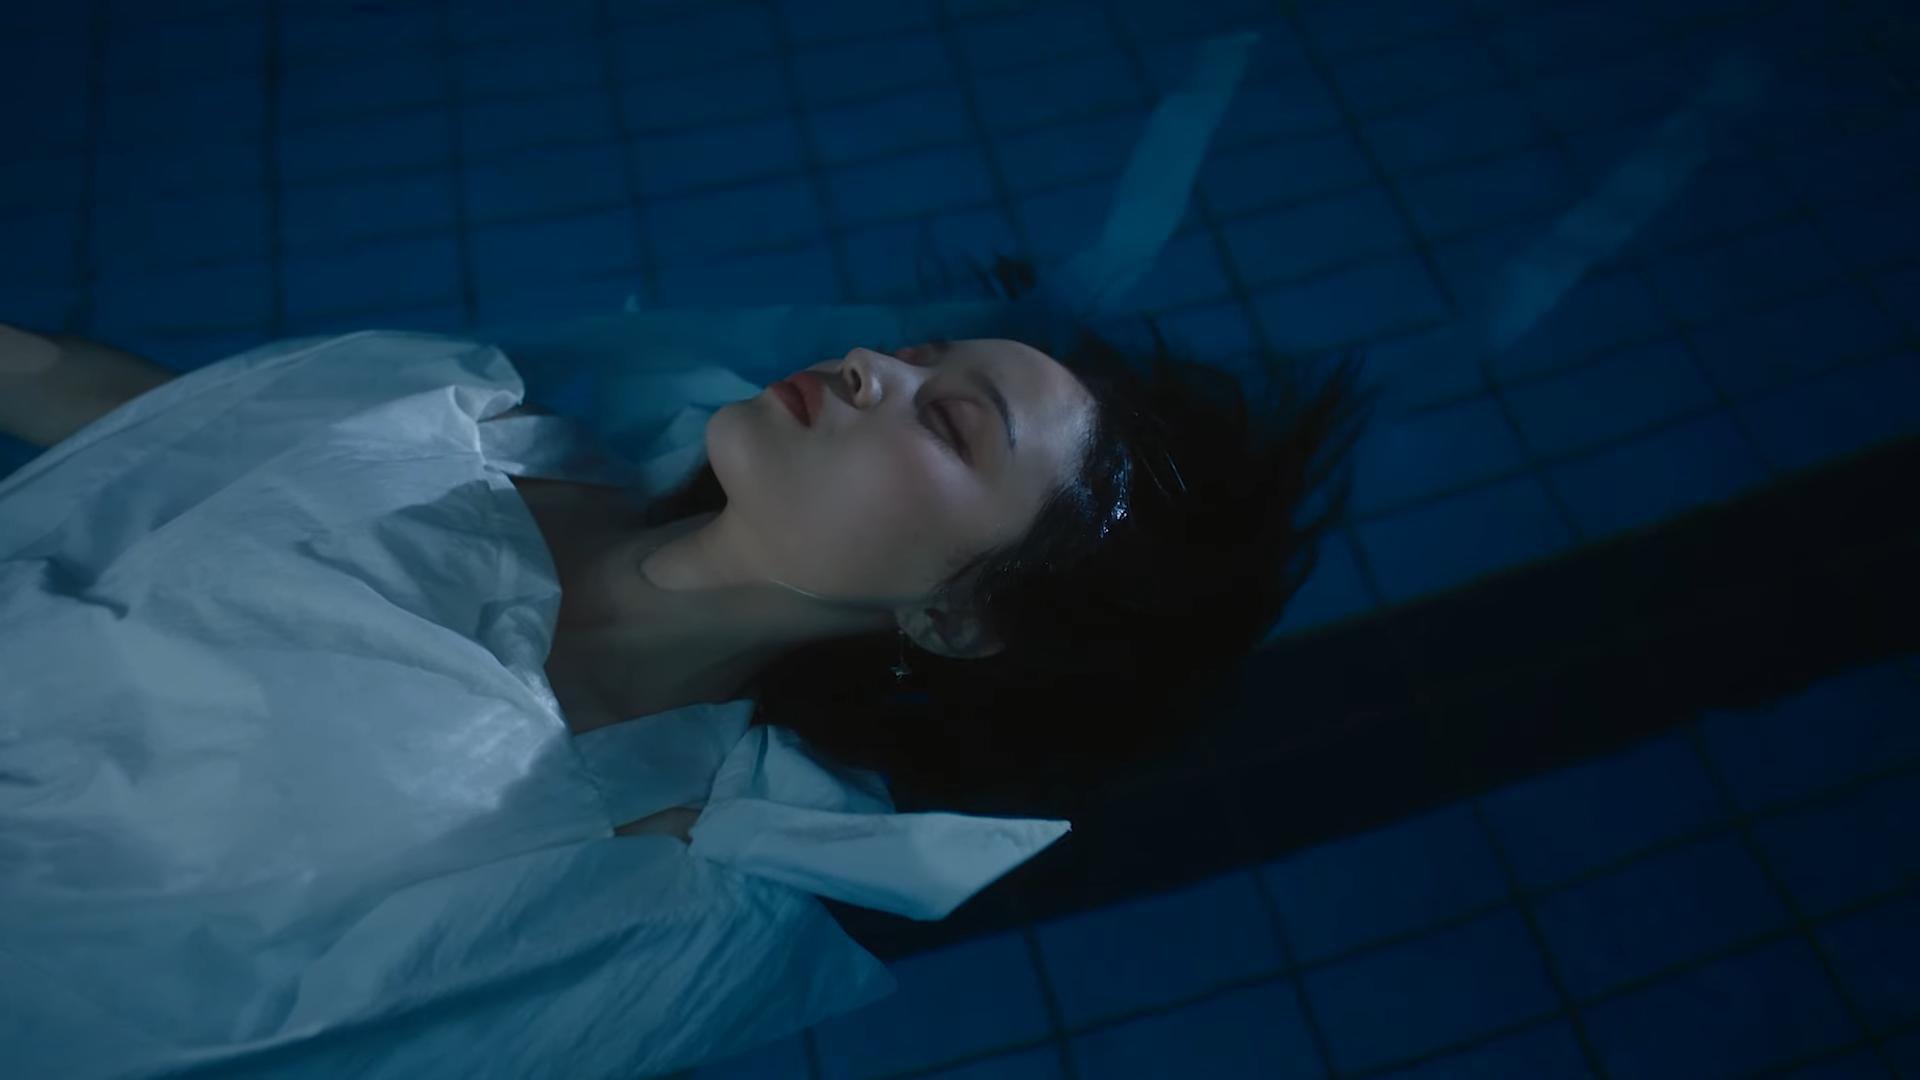 Lee Hi chính thức tái xuất với Holo: MV nặng tâm lý nhưng nhạc lại hao hao một bản hit đình đám của Meghan Trainor Ảnh 9